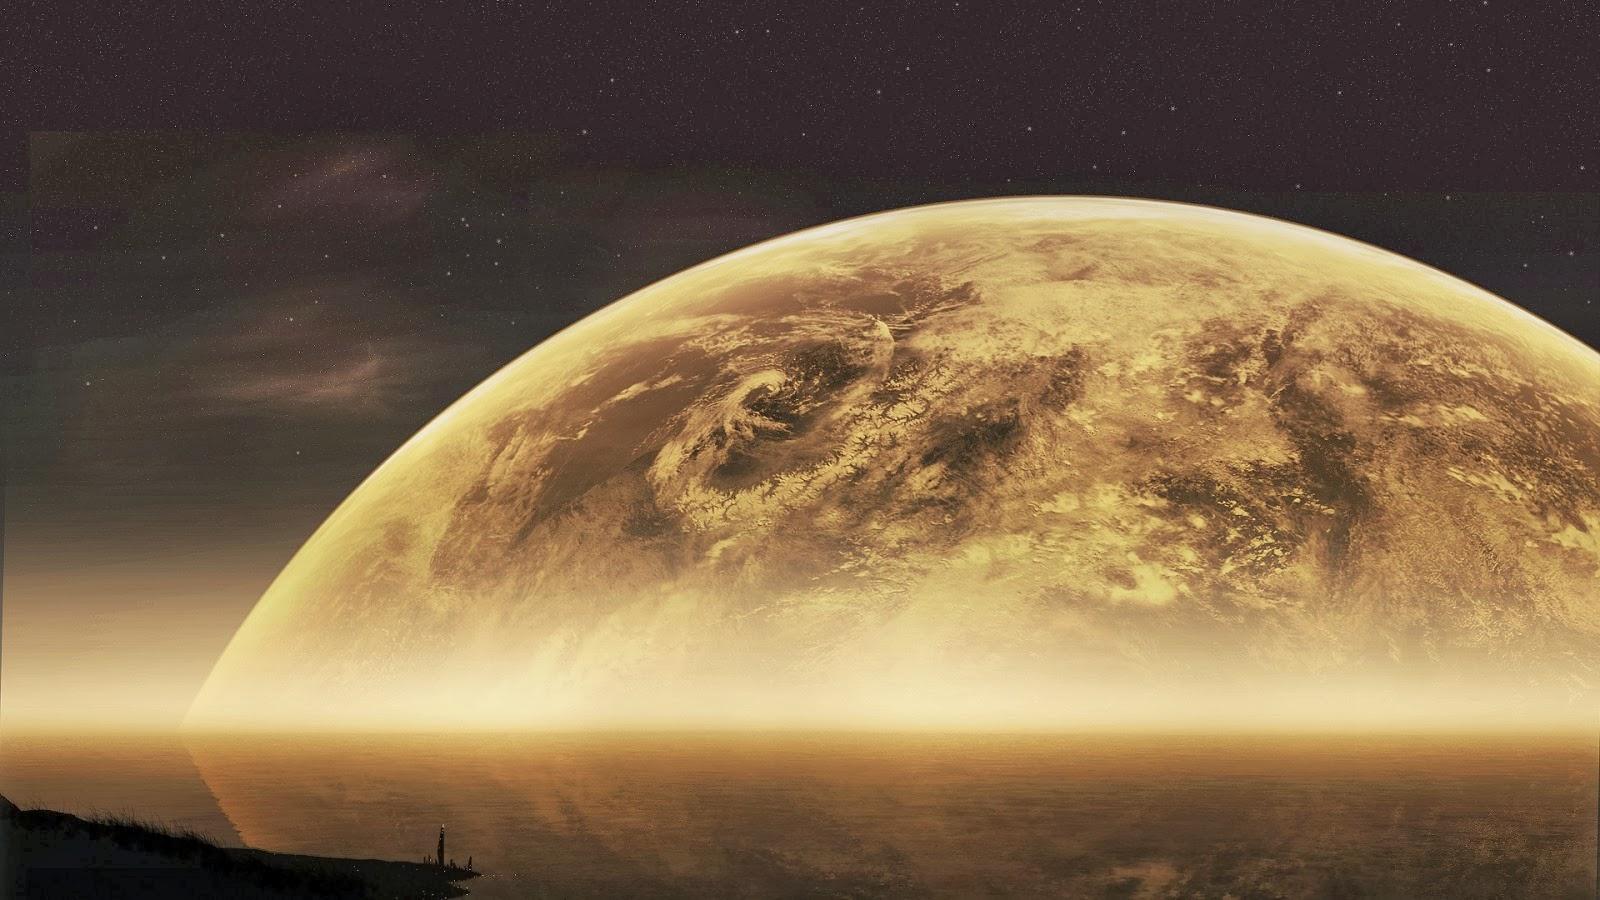 صور اجمل صور للقمر , احلى خلفيات عن القمر